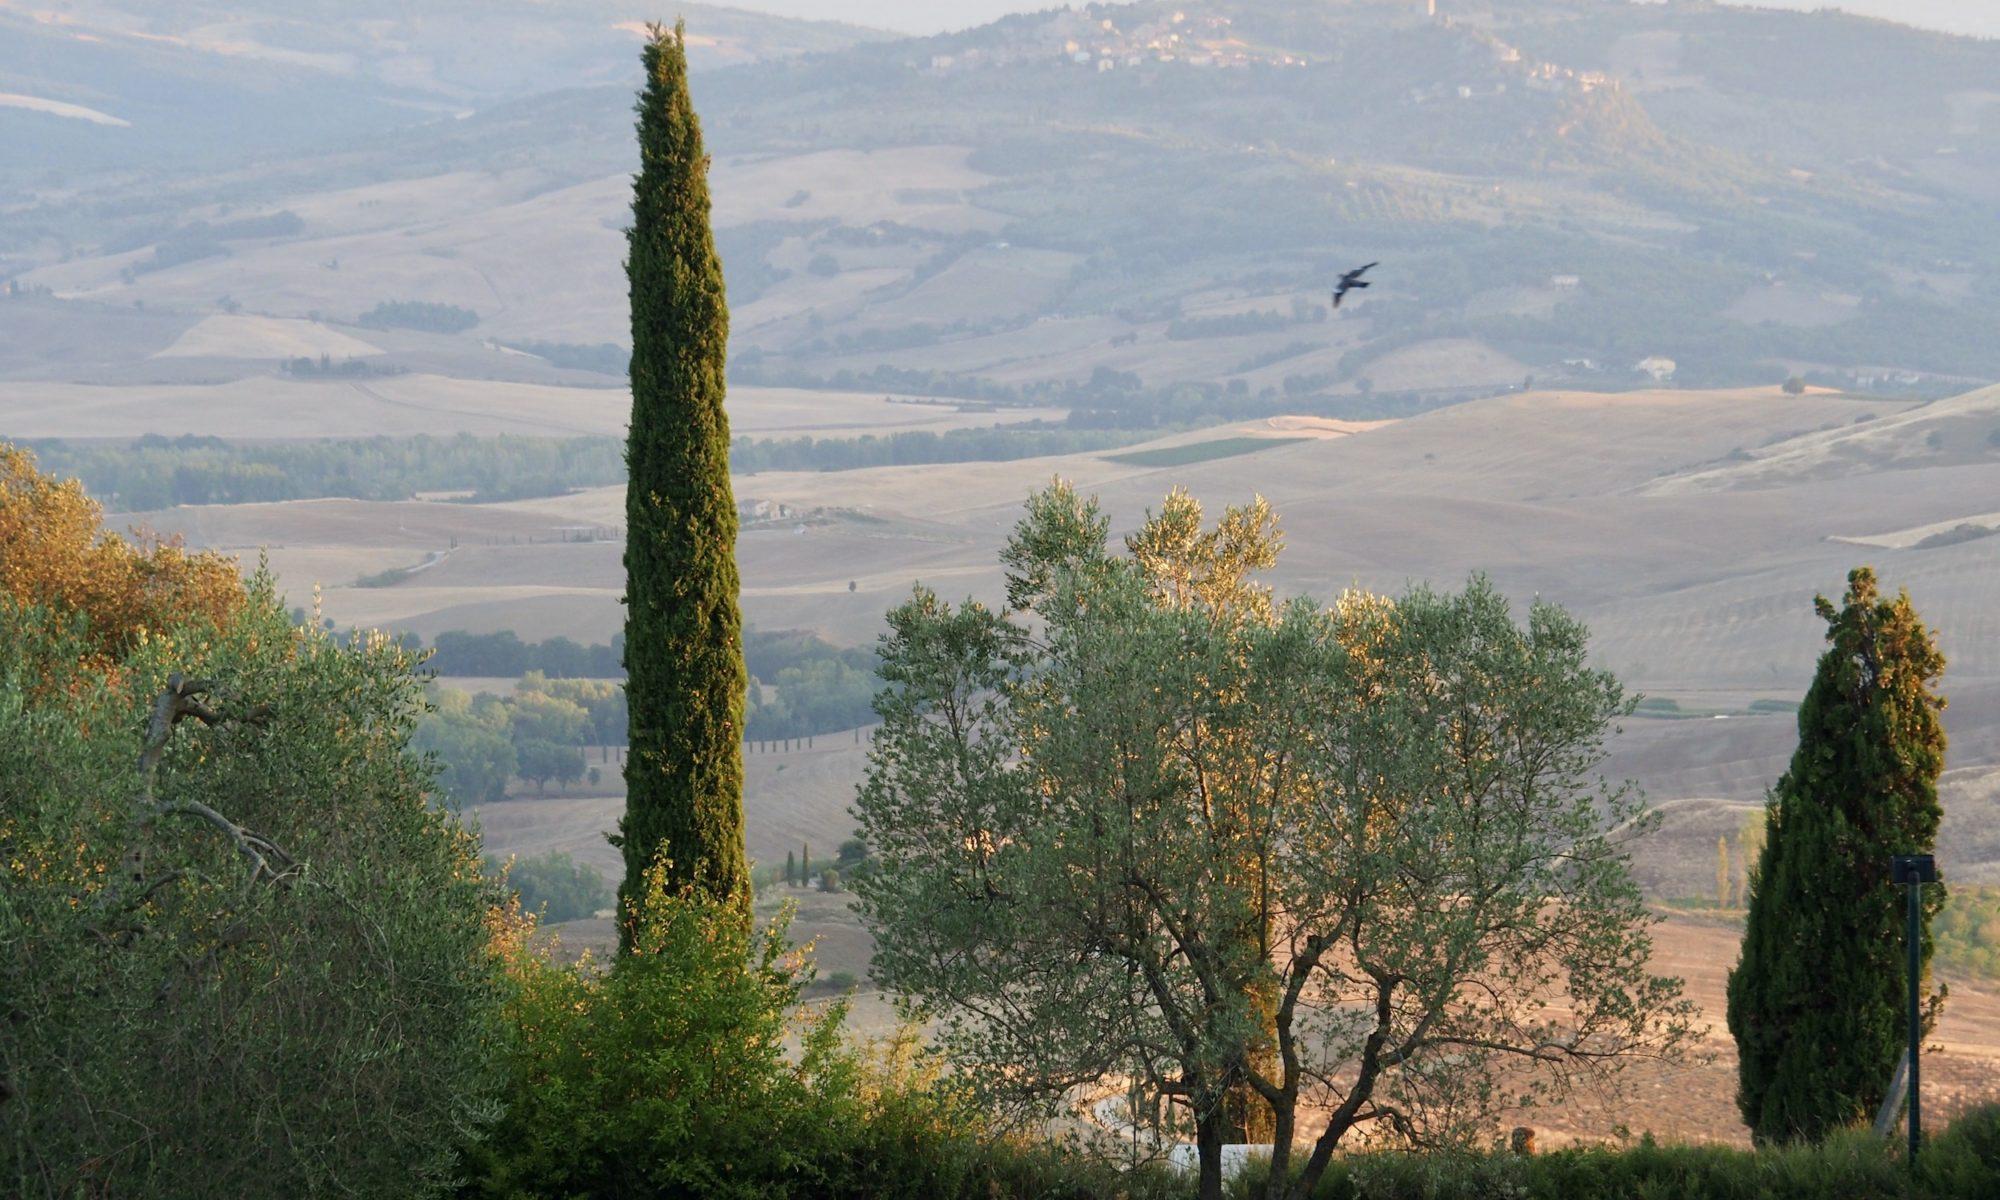 montalcino_view_m22m